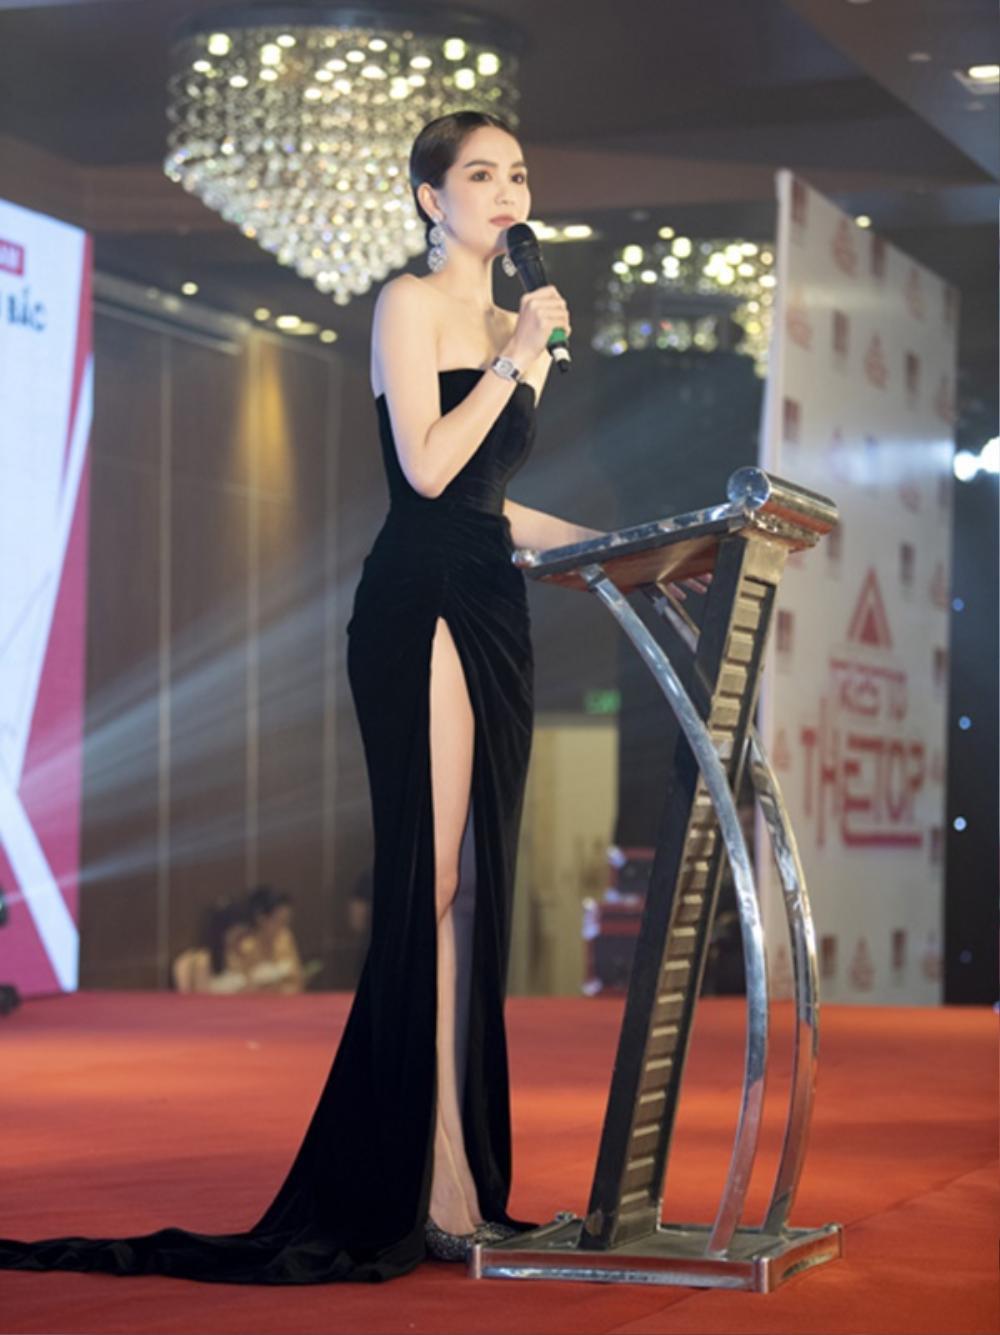 Ngọc Trinh: Hành trình từ Siêu mẫu Việt Nam đến nữ hoàng nội y 'bất bại' Ảnh 12